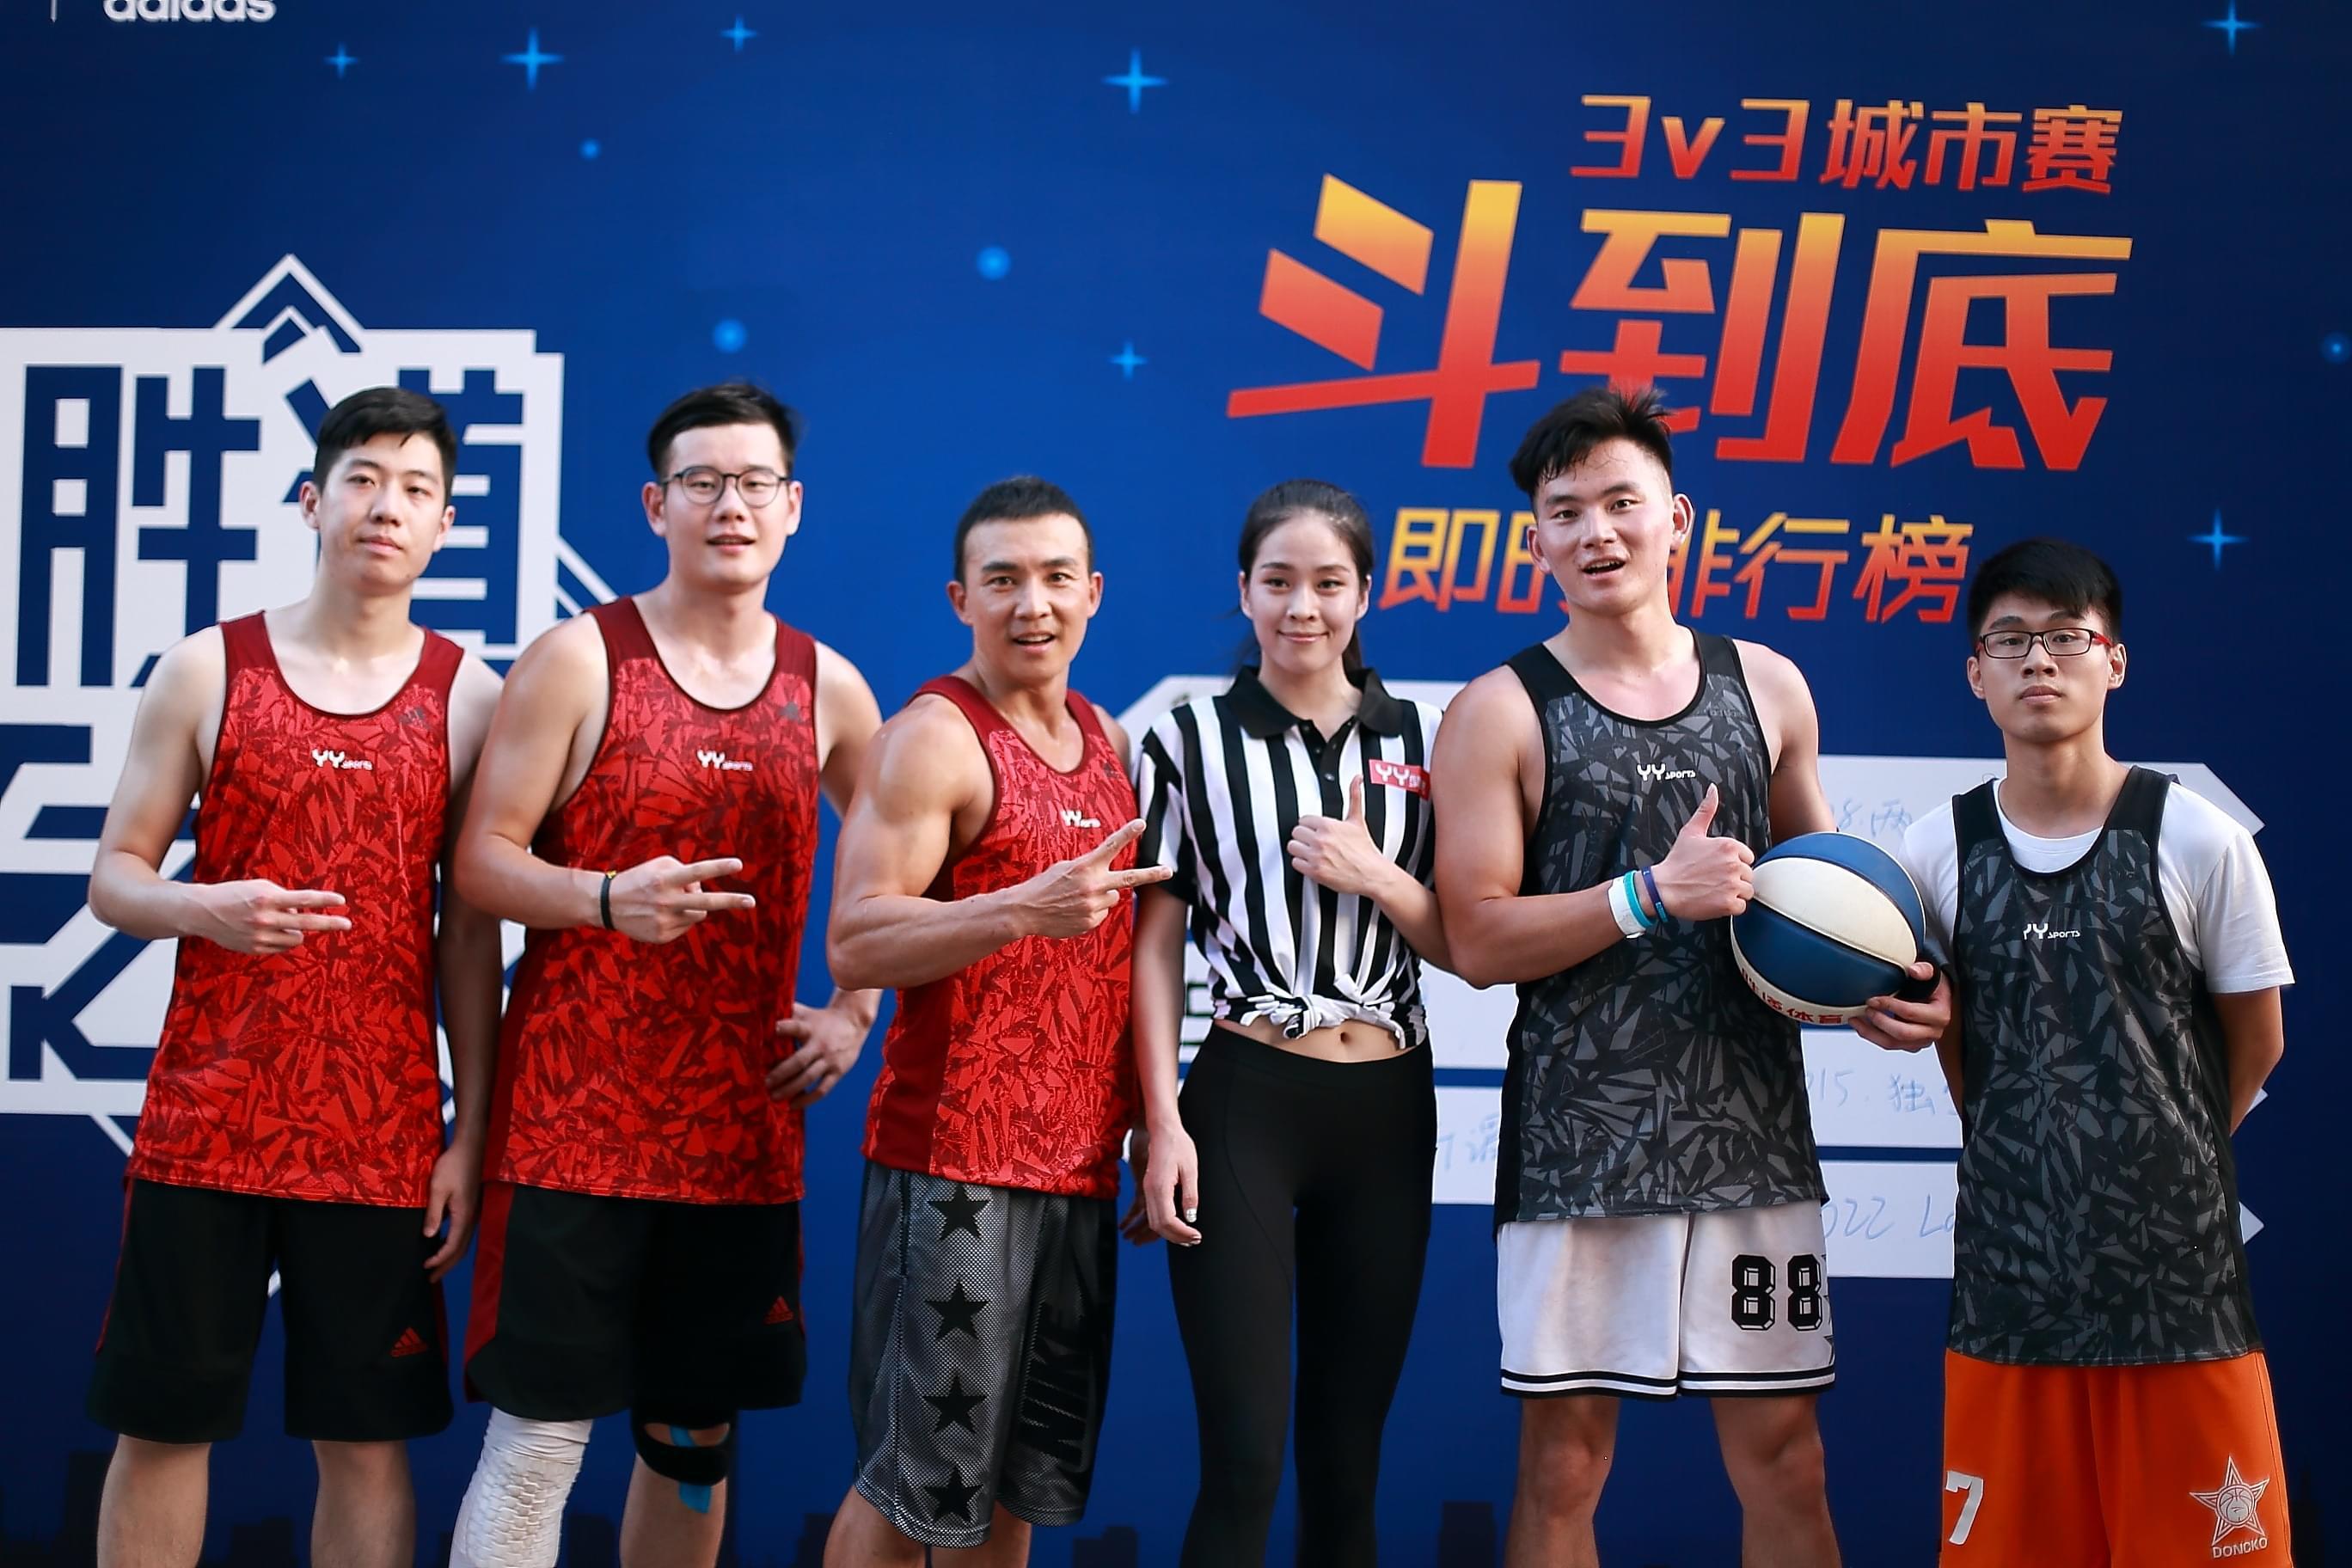 台湾知名歌手刘畊宏(左三)以大魔王身份出战